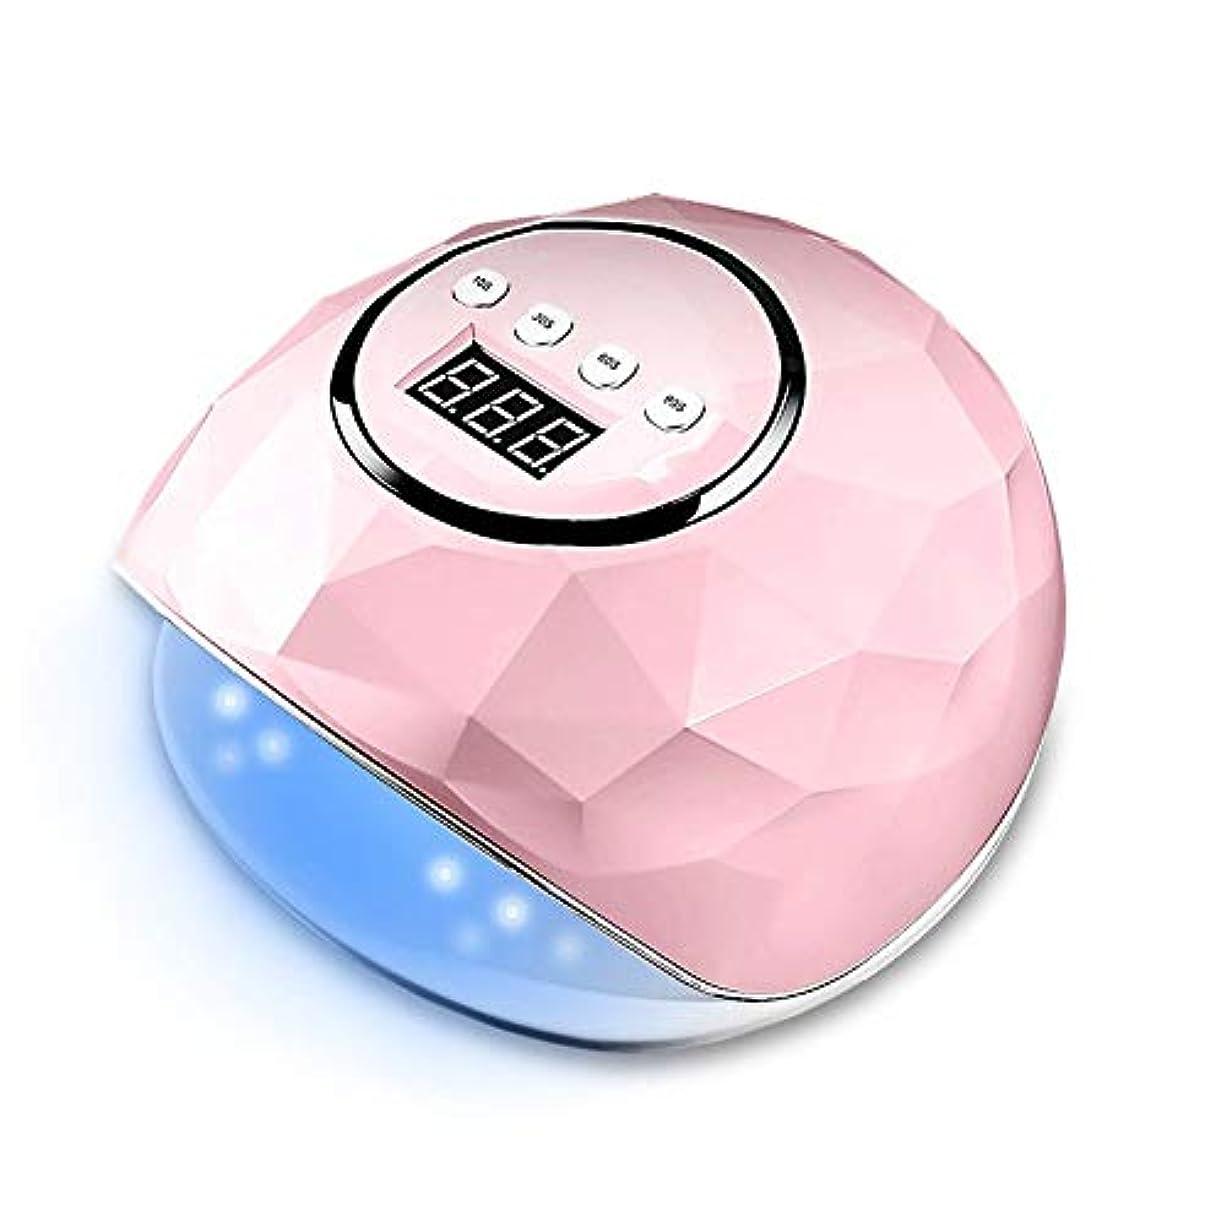 応答年金受給者承認するUV光LEDネイルドライヤージェルマニキュアおよびつま先ネイル硬化用自動硬化ランプ(自動センサー付き)(ピンク)